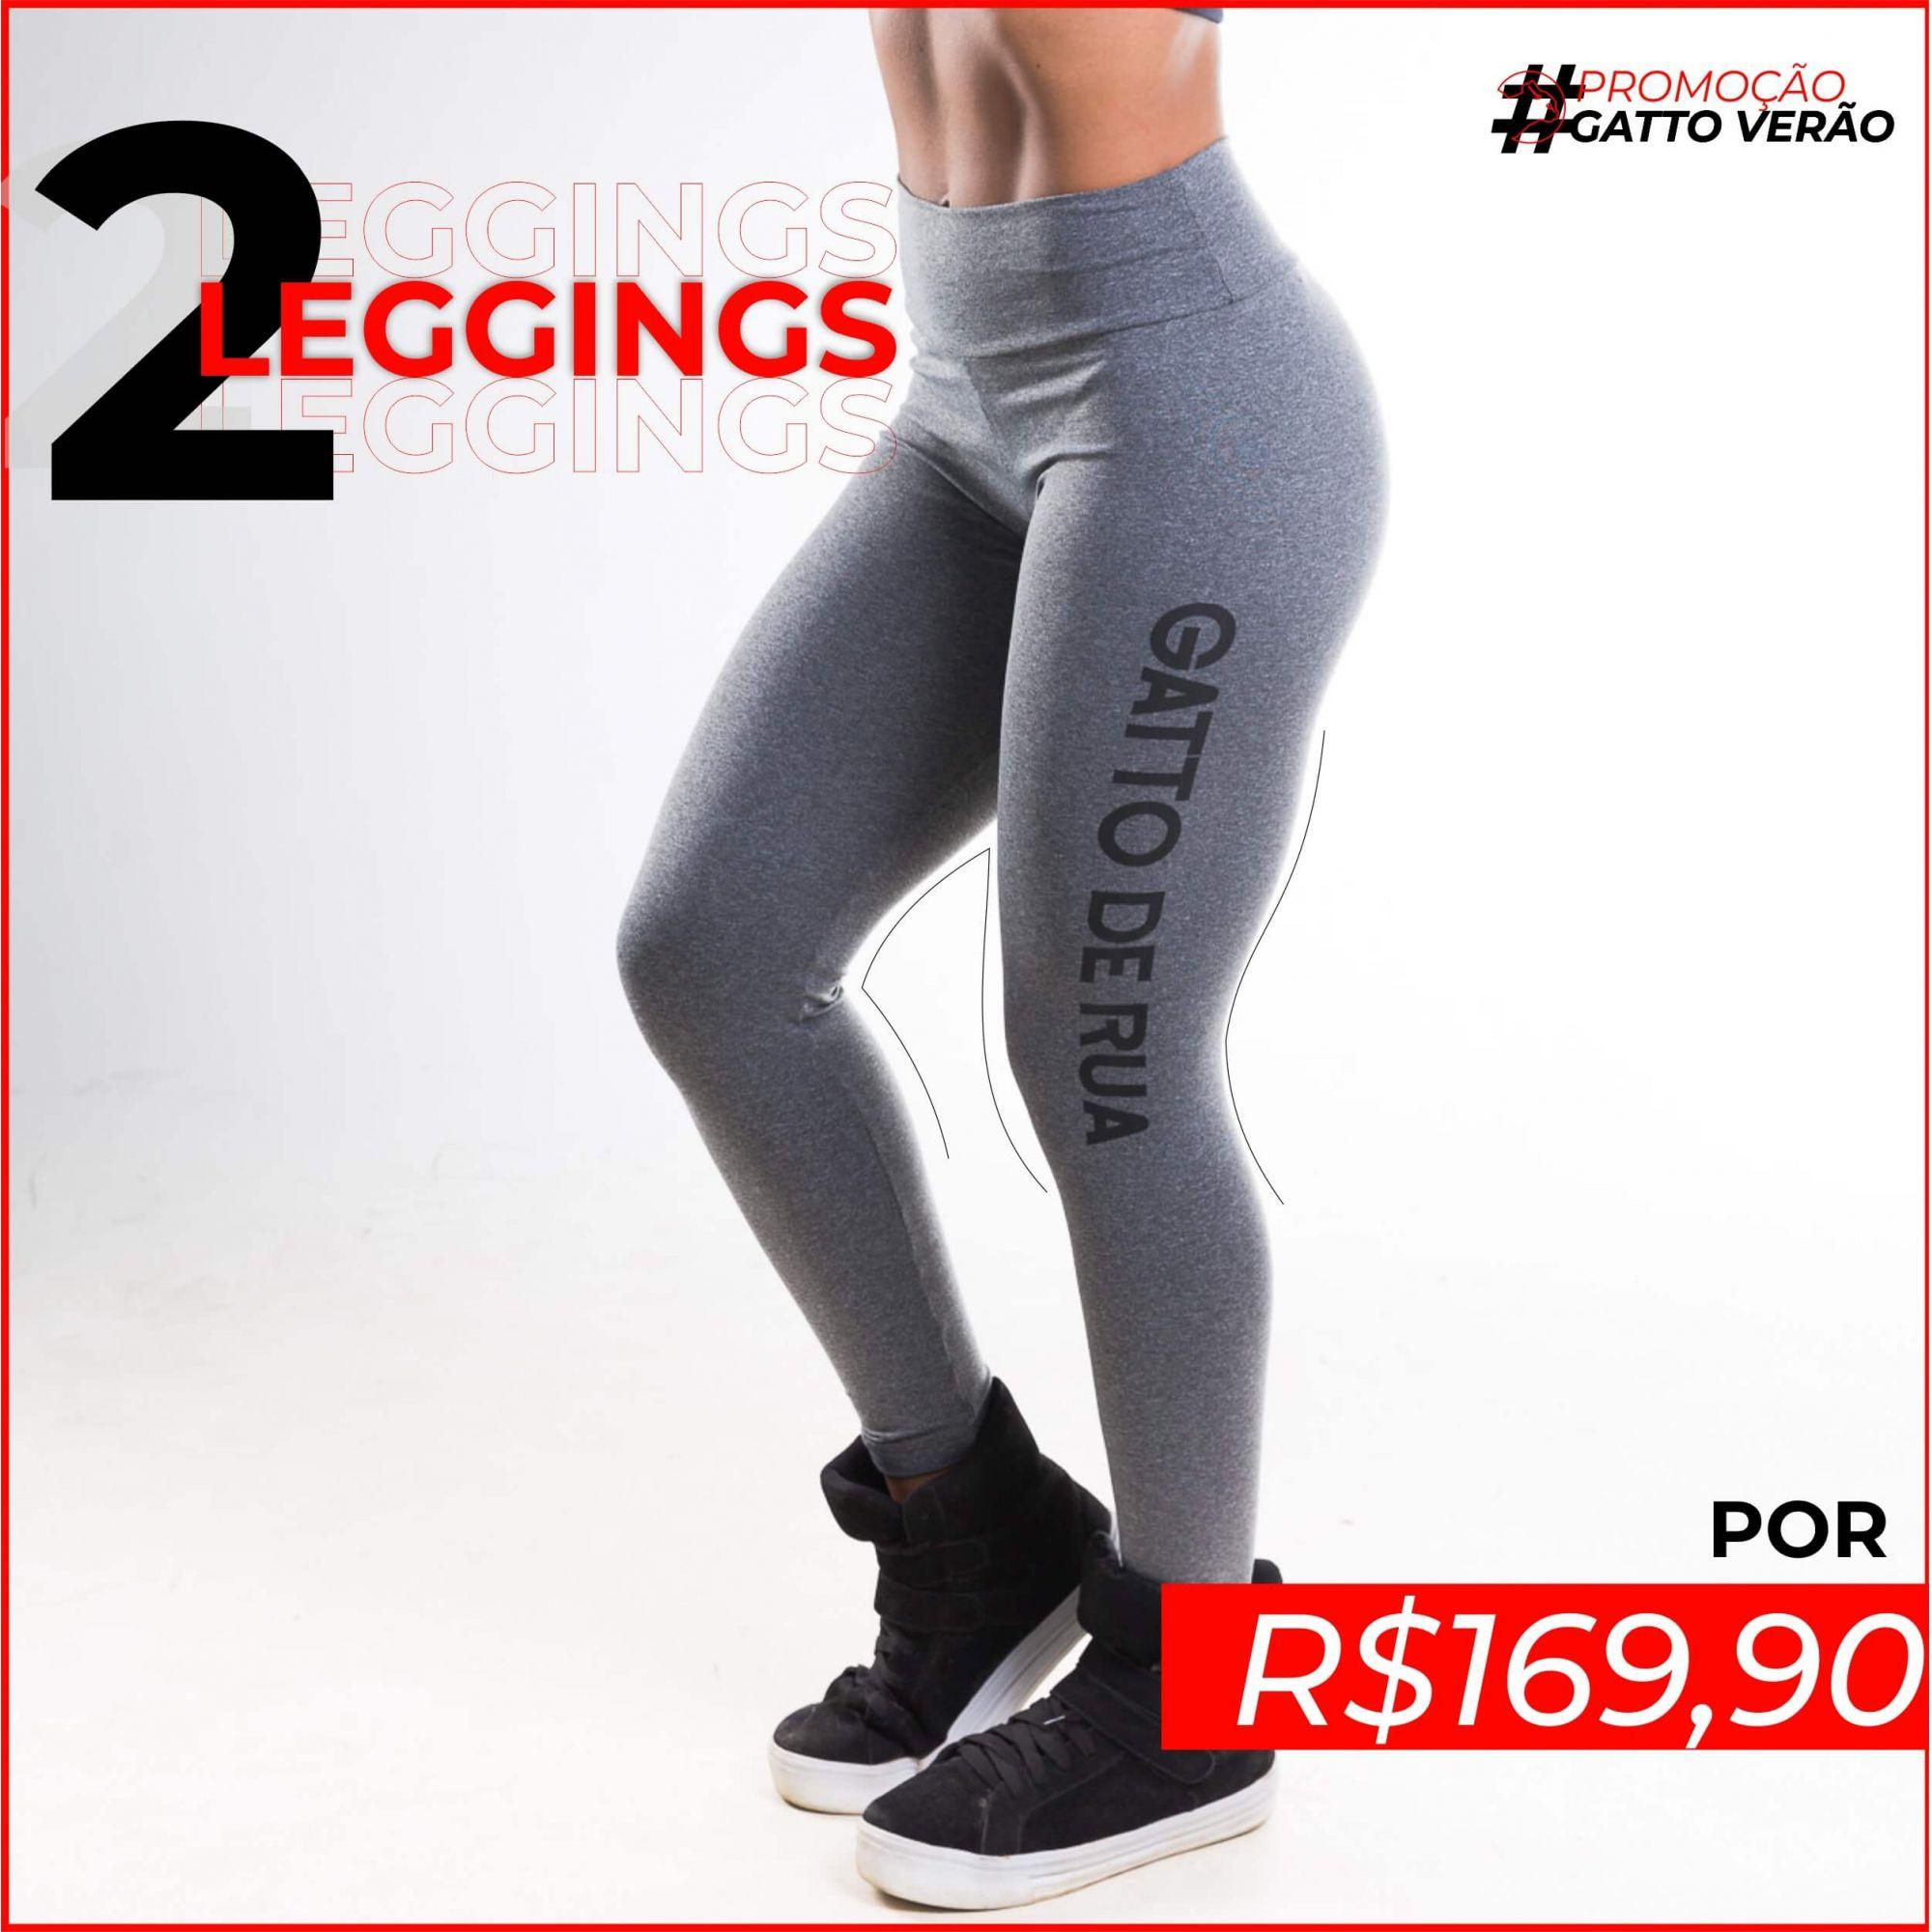 2 Leggings Suplex Gatto de Rua